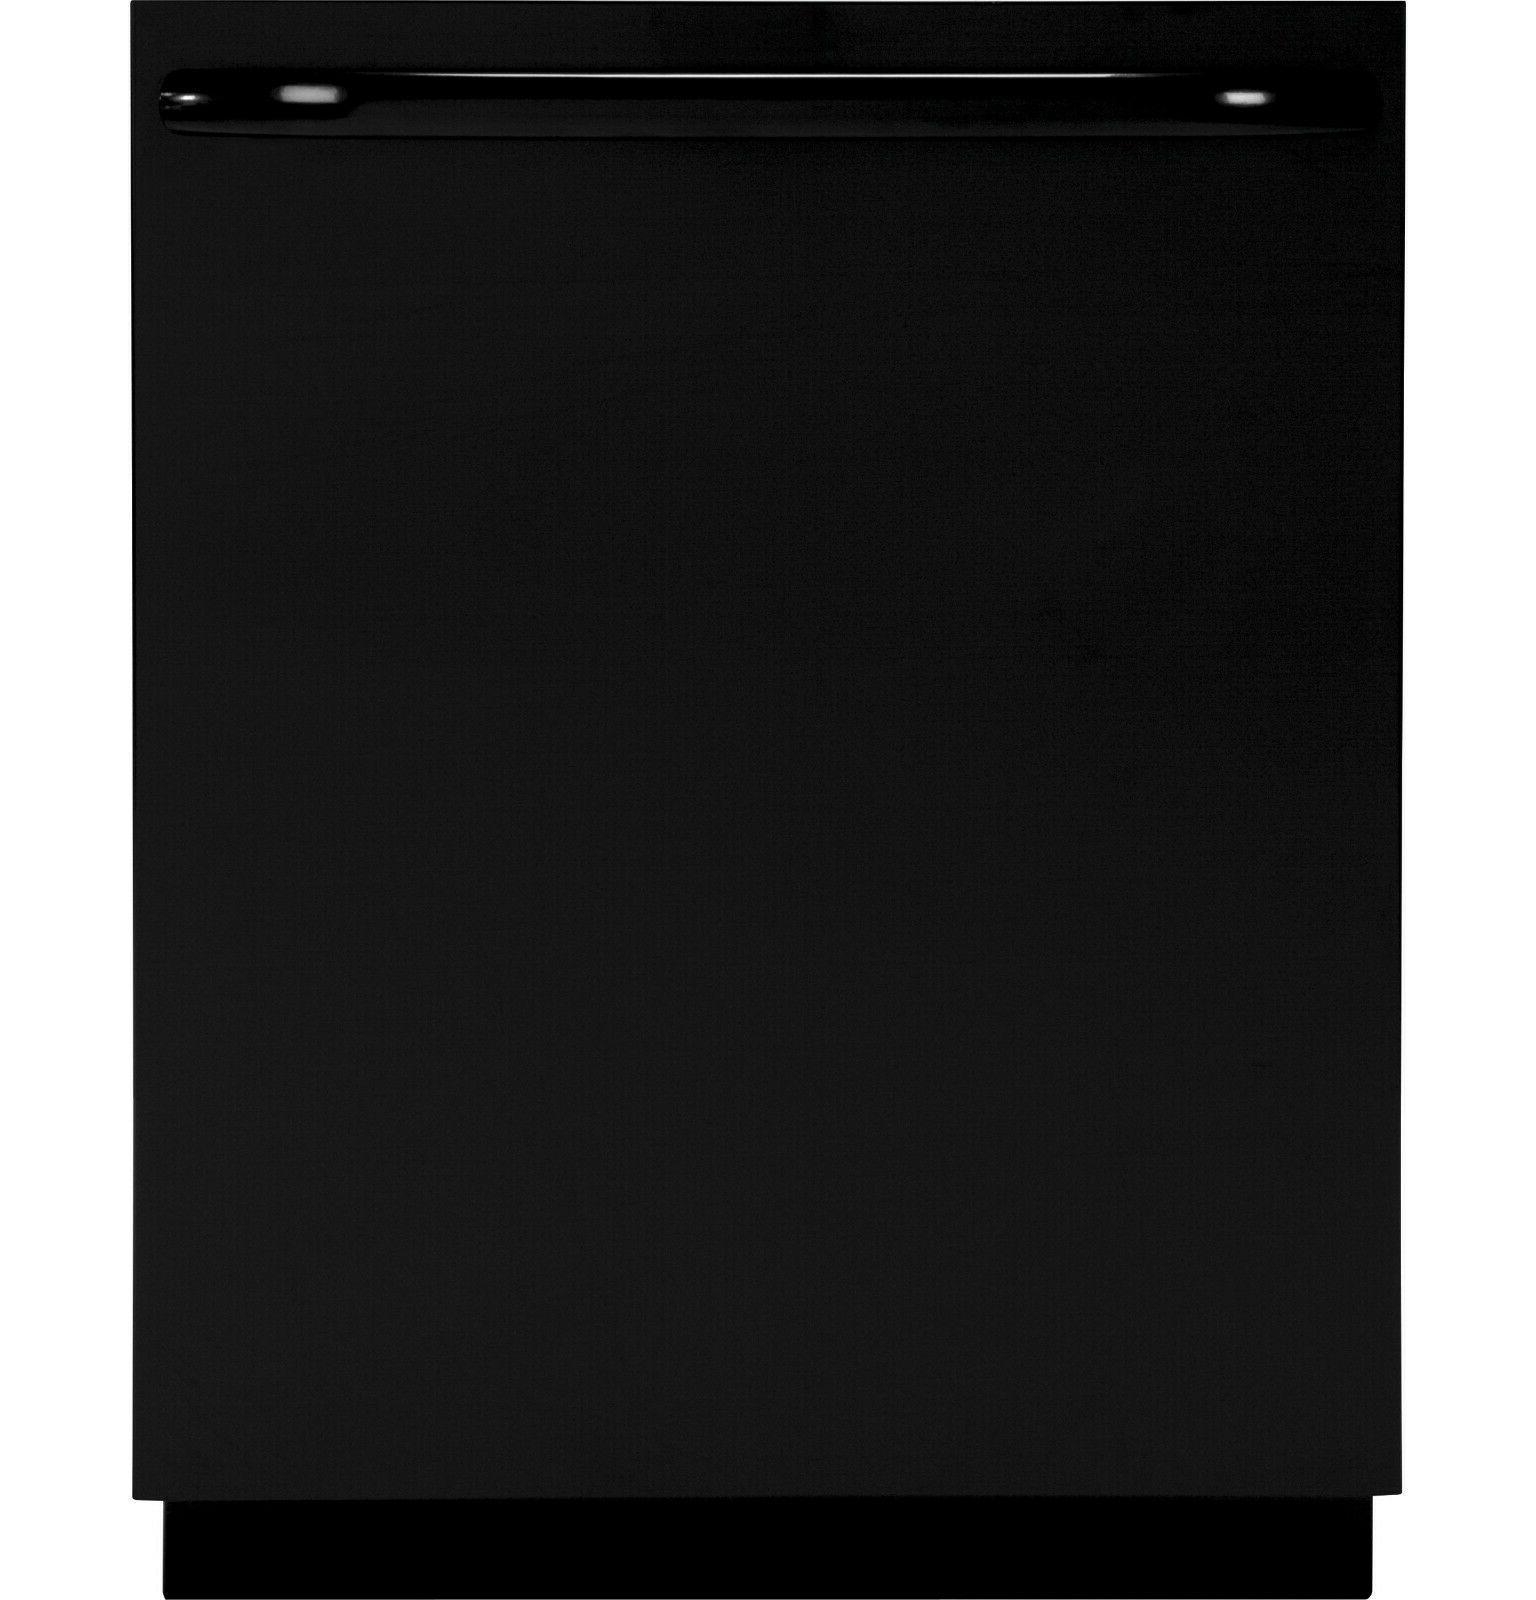 new gldt690jbb hidden controls dishwasher black